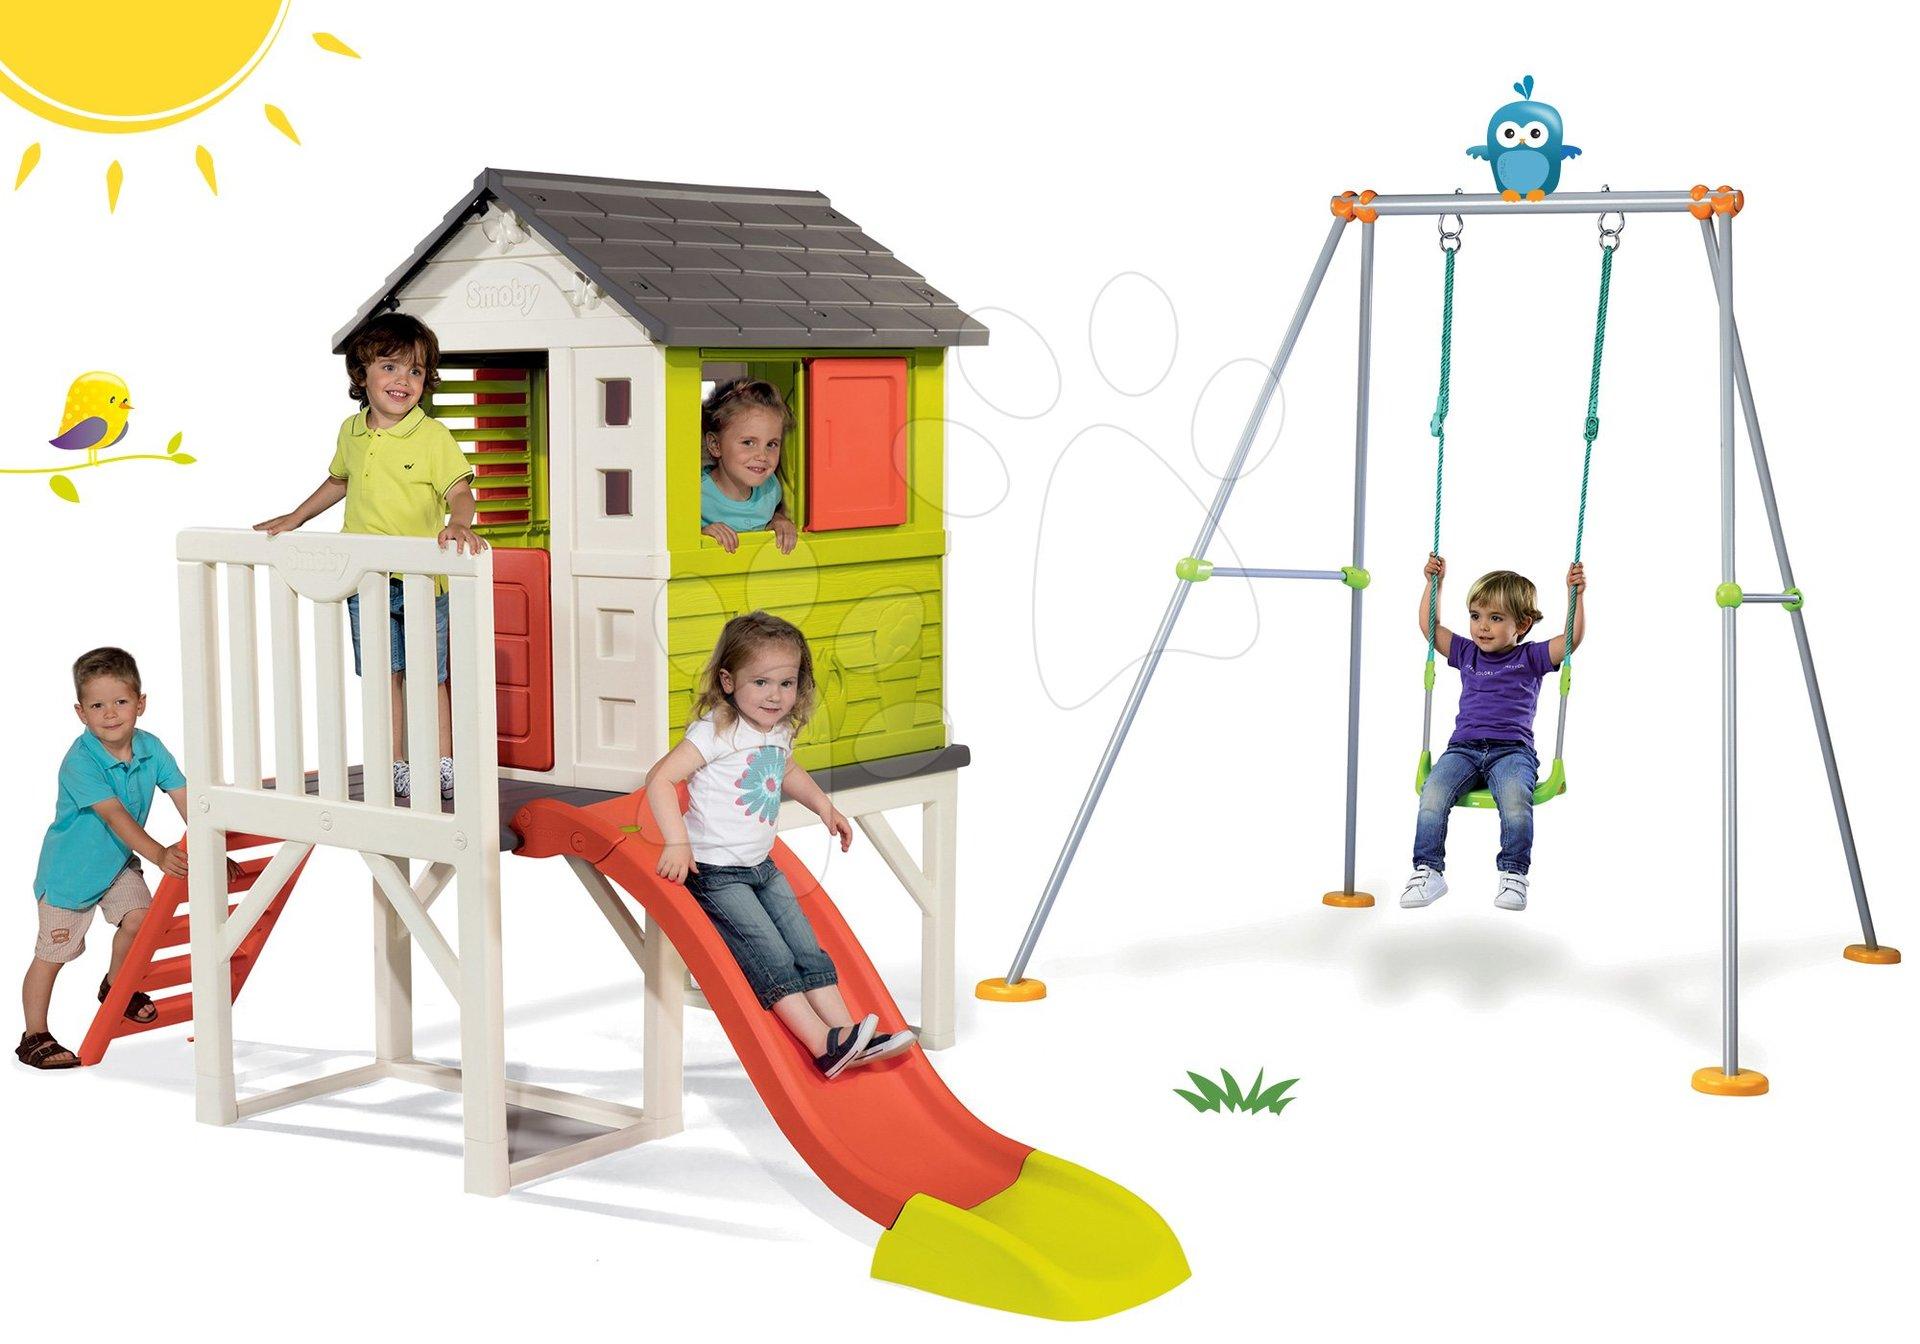 Smoby set dětský domeček na pilířích Pilings House s 1,5 m skluzavkou a houpačka s kovovou konstrukcí 810800-1